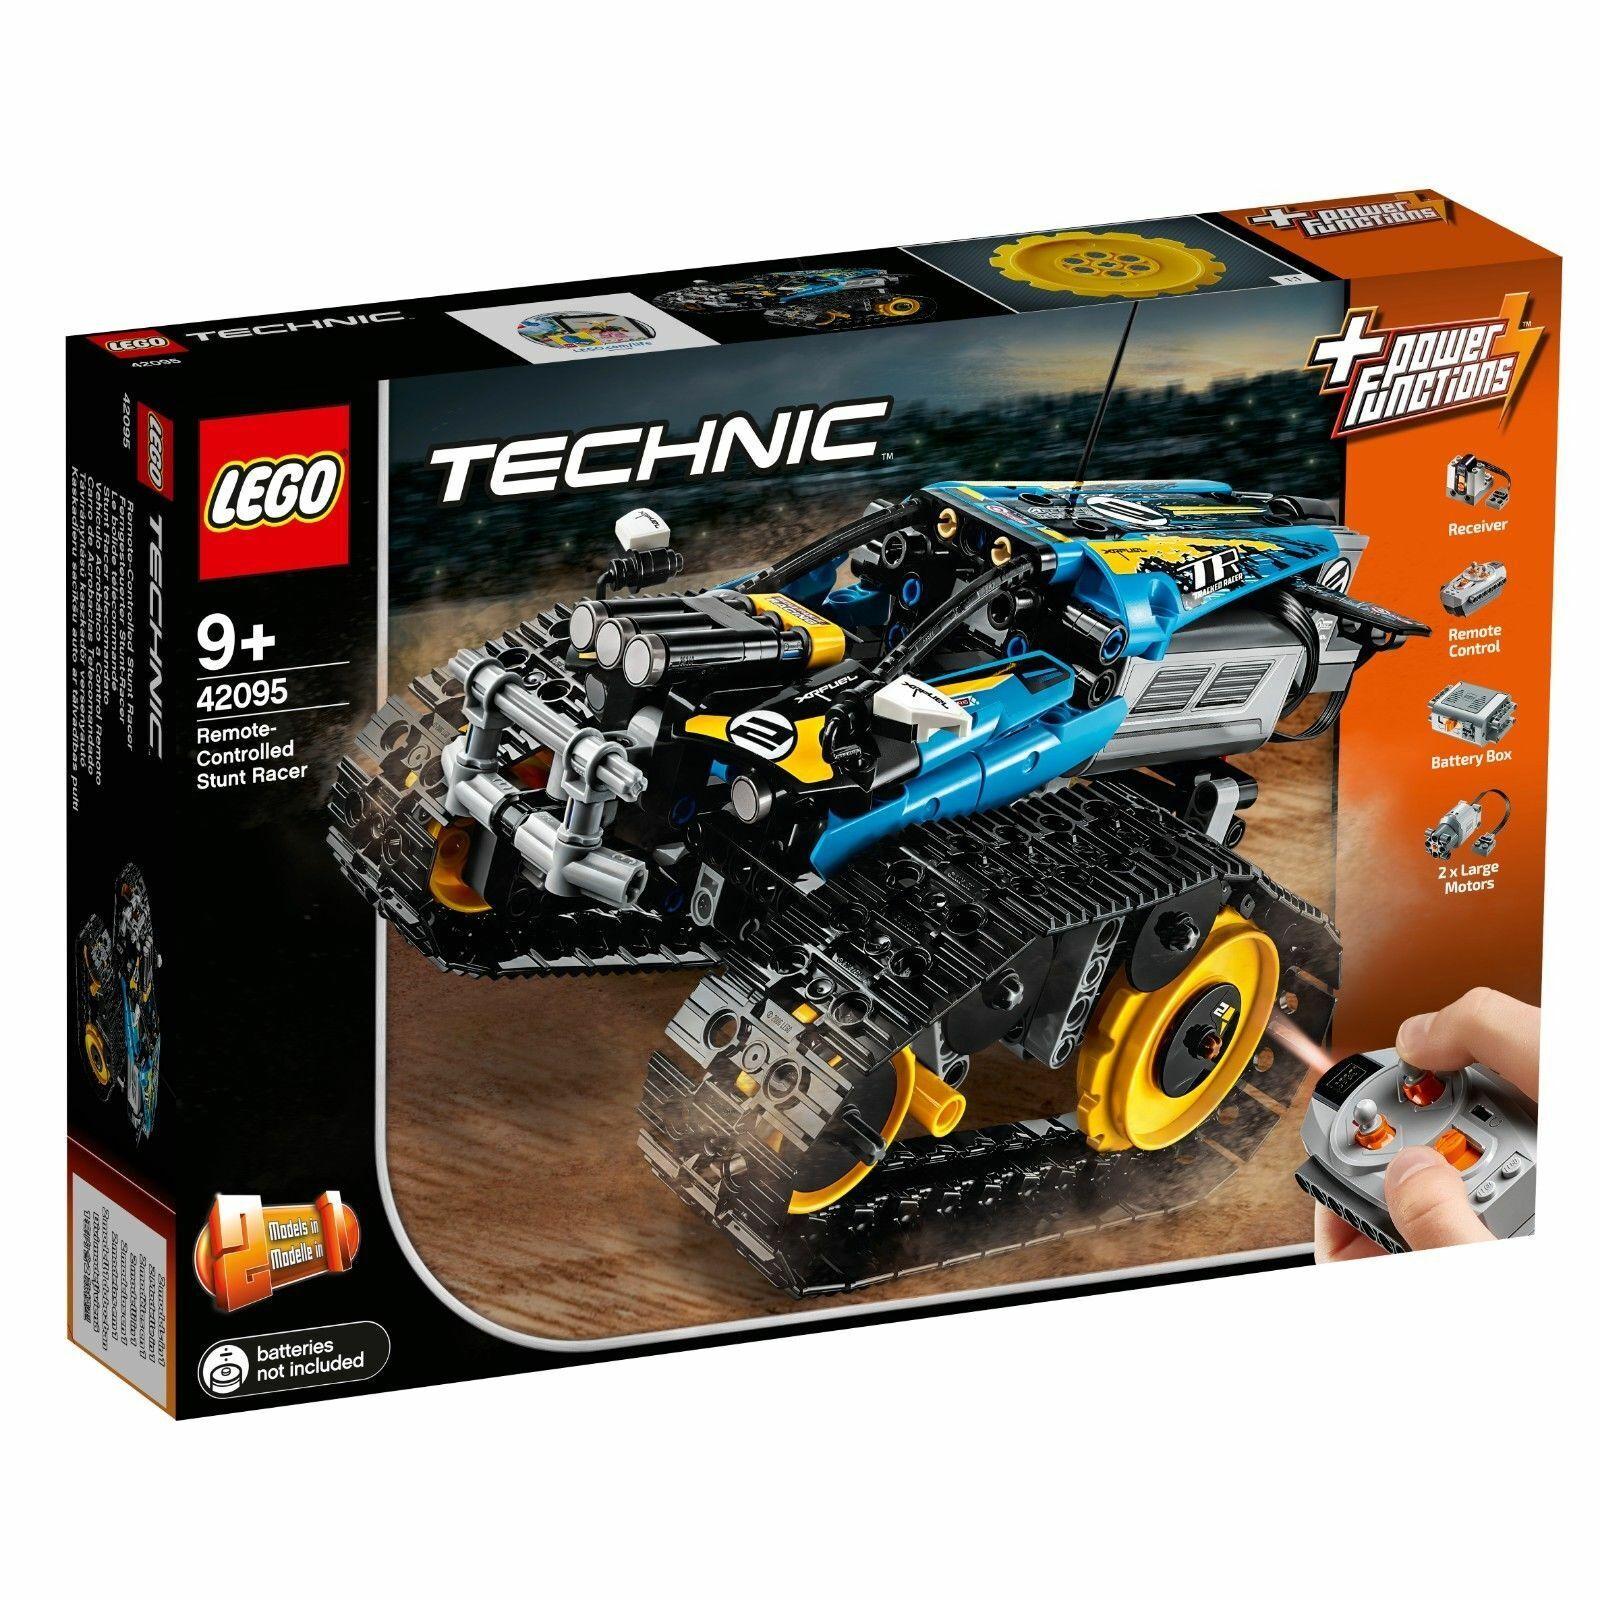 spedizione veloce e miglior servizio LEGO ® Technic 42095    a distanza controllata Stunt-RACER  modellololo 2-in-1 Nuovo Scatola Originale nuovo MISB  rivenditori online